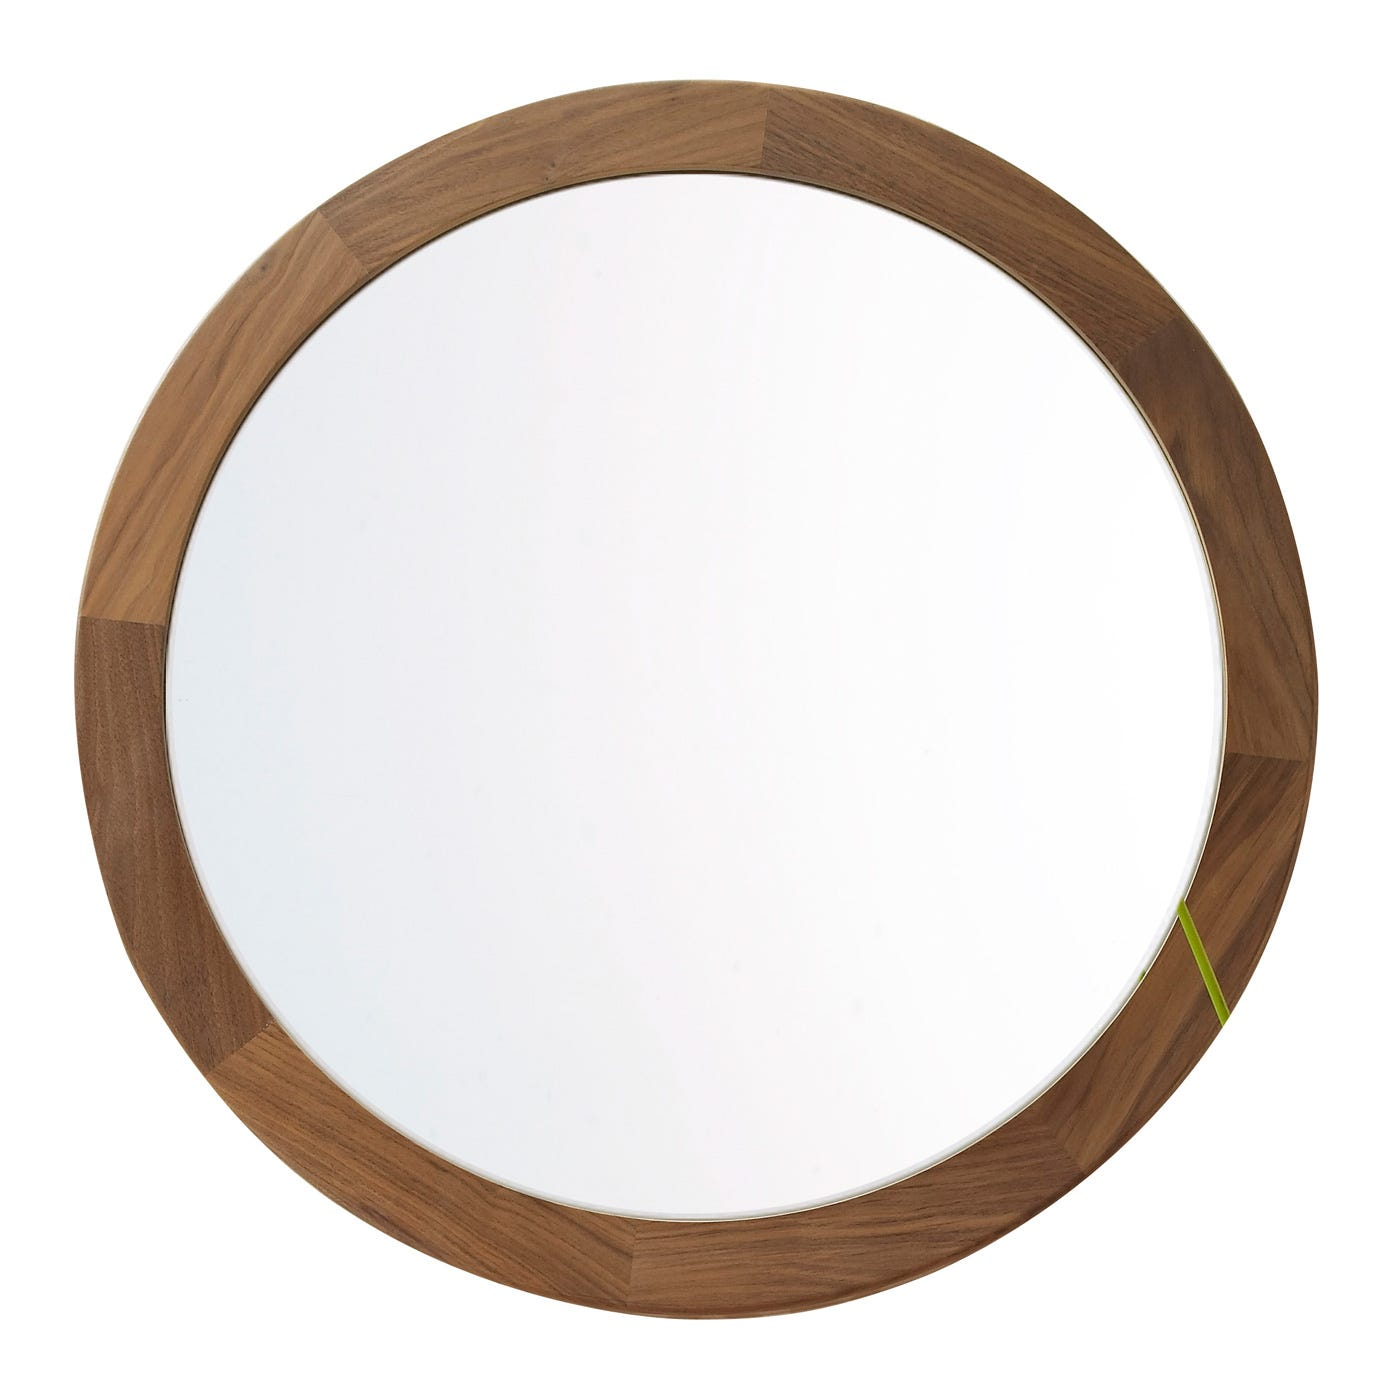 Walnut Frame Round Mirror